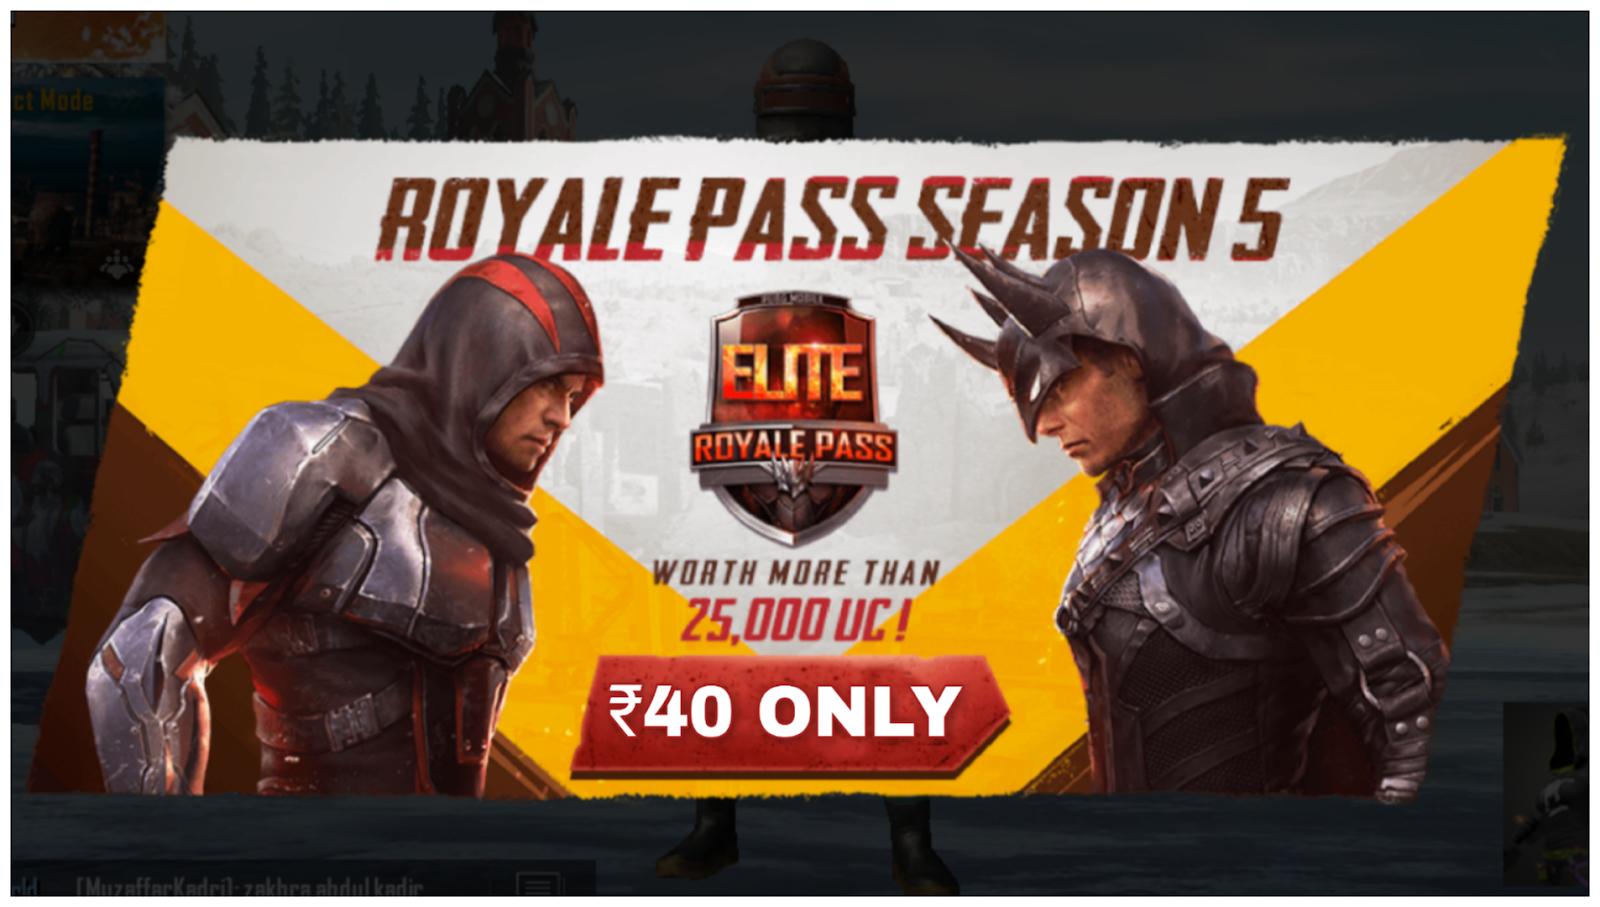 Free Royal Pass Season 5 PUBG Mobile   ₹40 Trick to Get Royal Pass